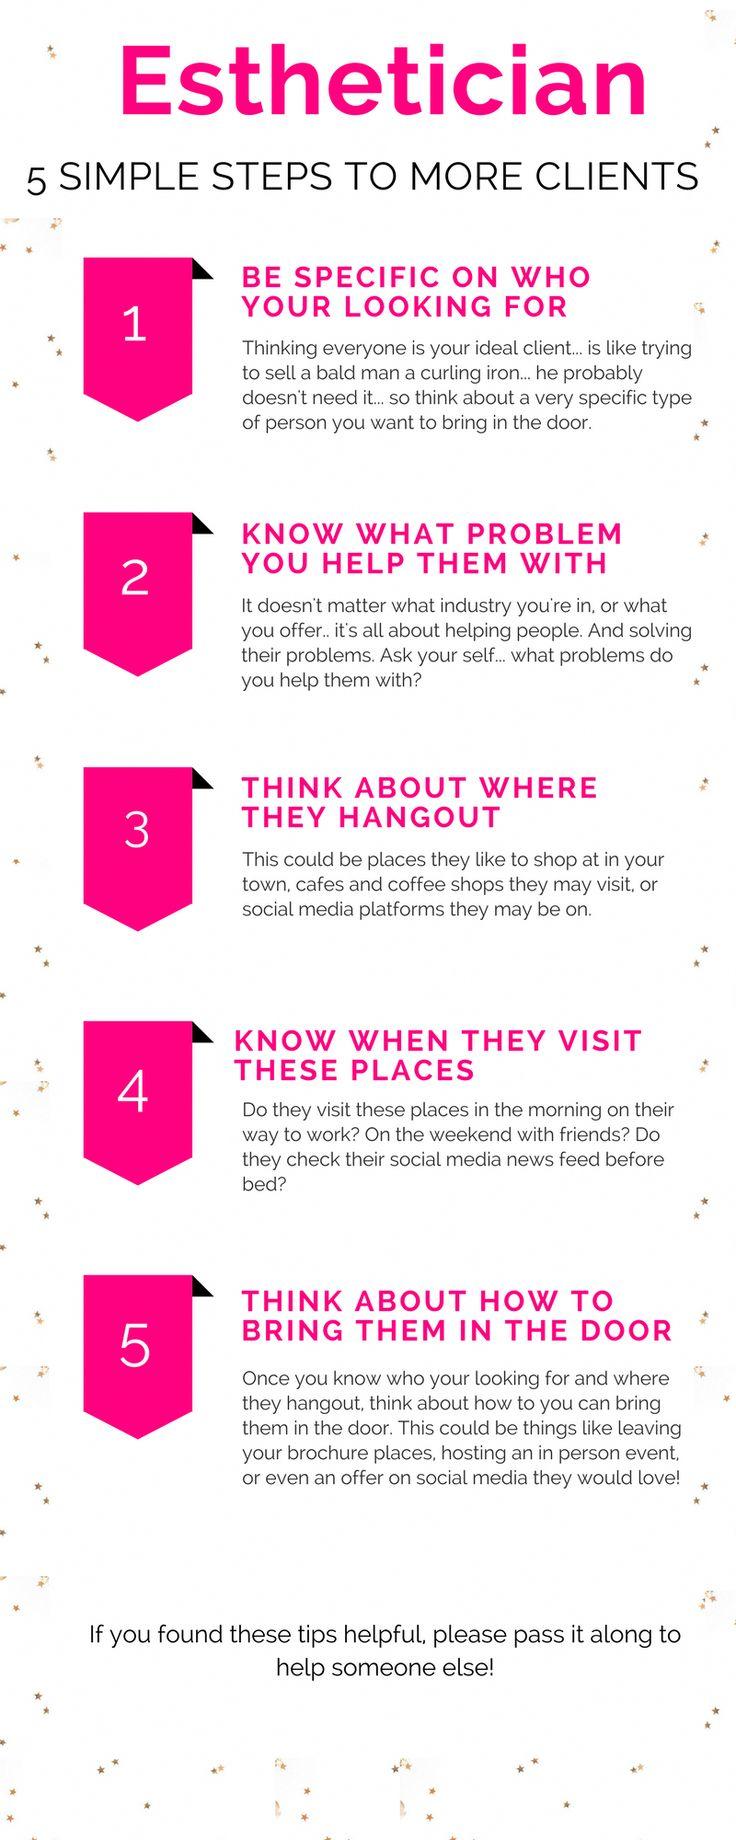 Esthetician Tips Social Media Post Ideas For Estheticians